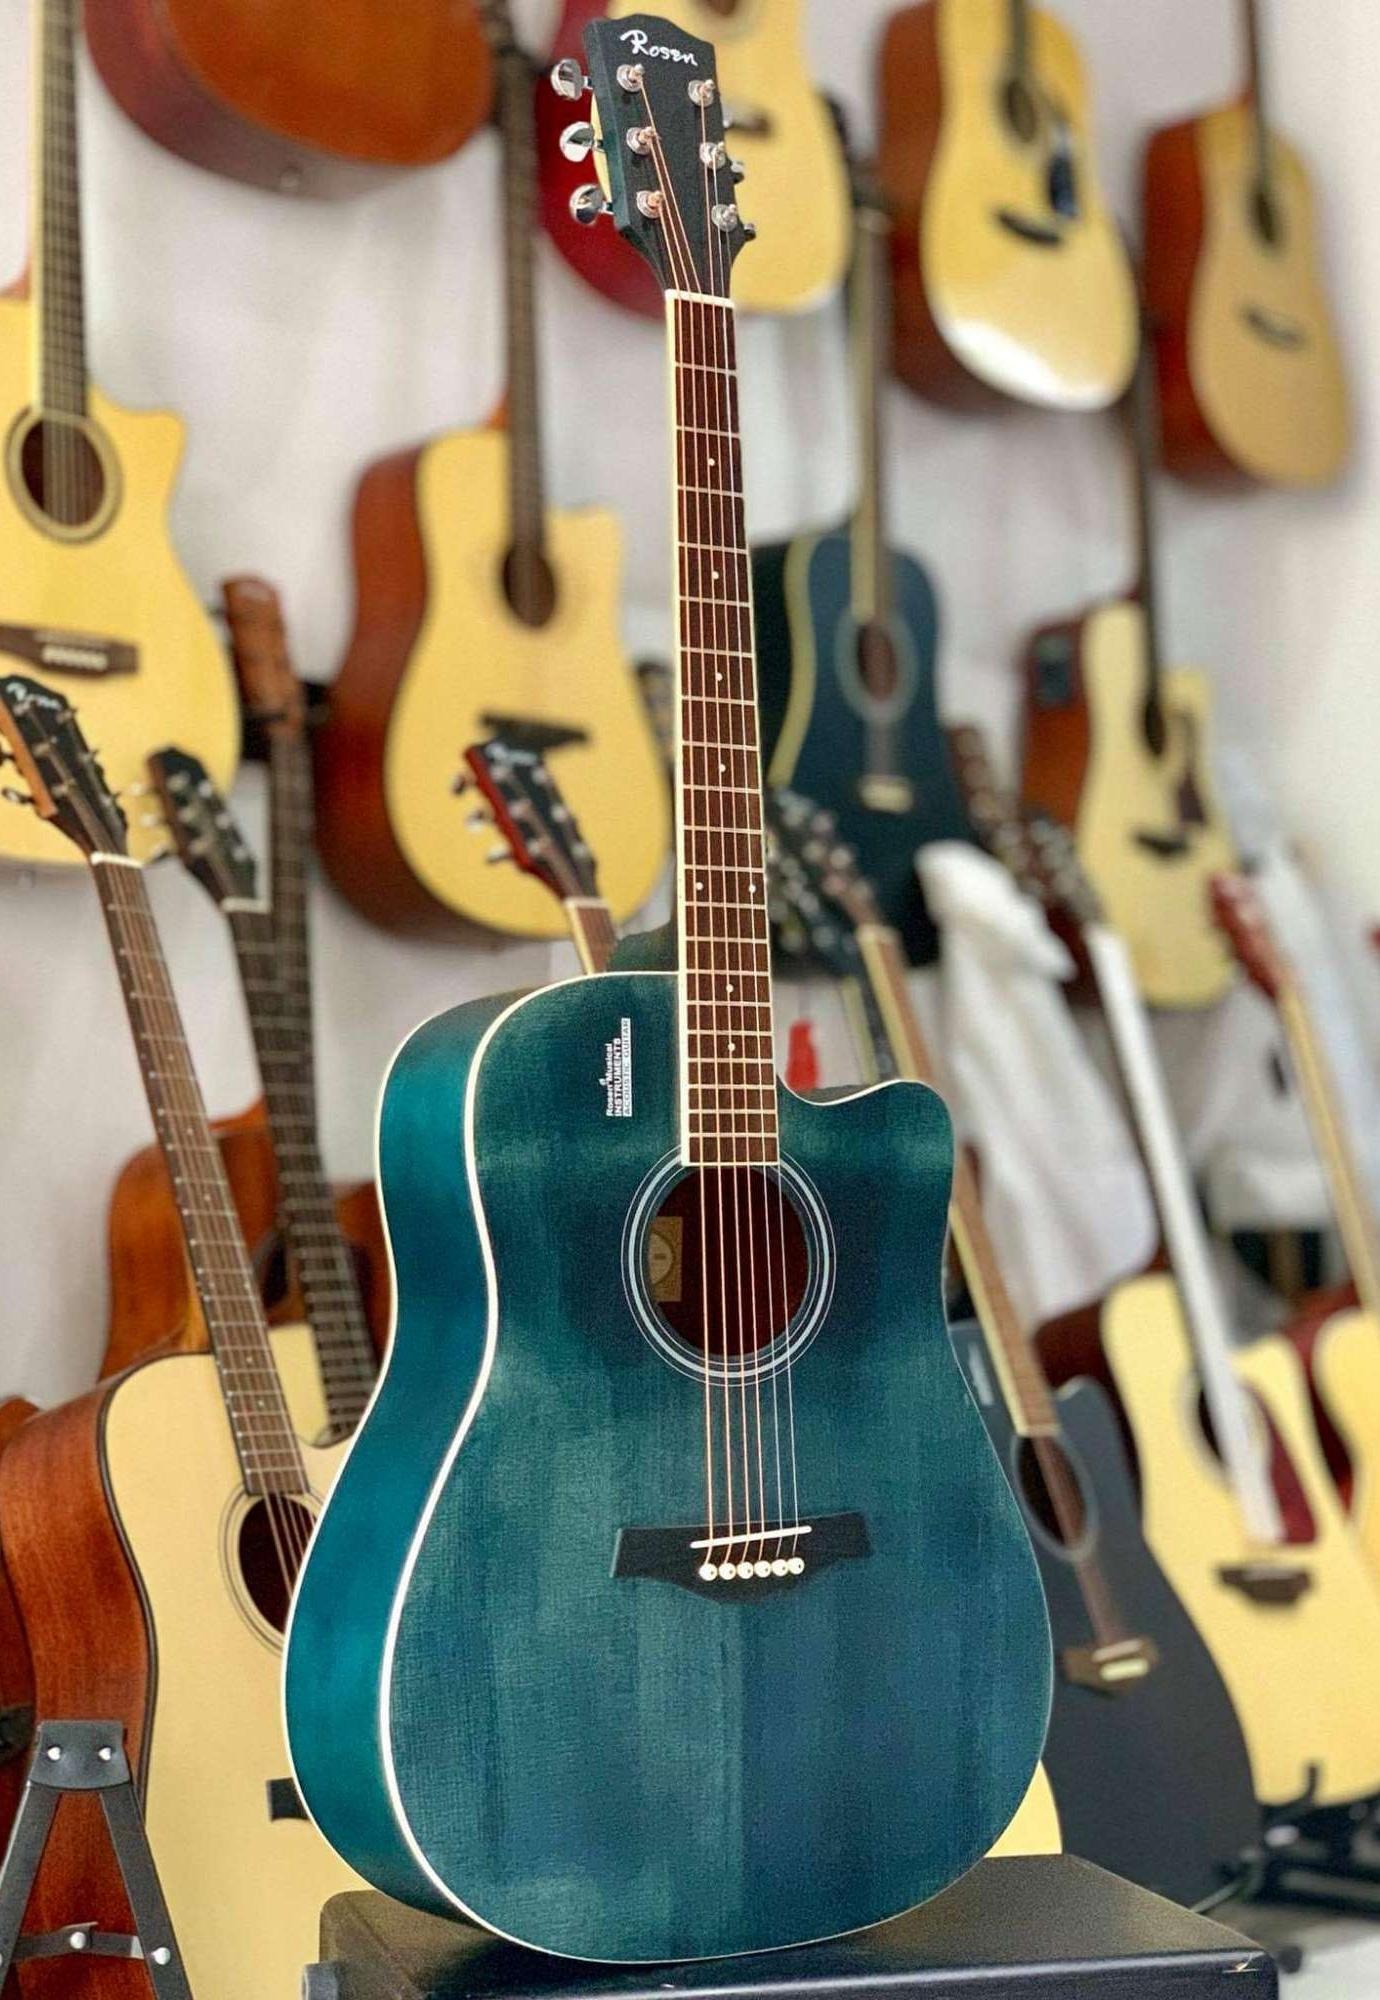 Đàn Guitar Rosen G11 xanh ngọc